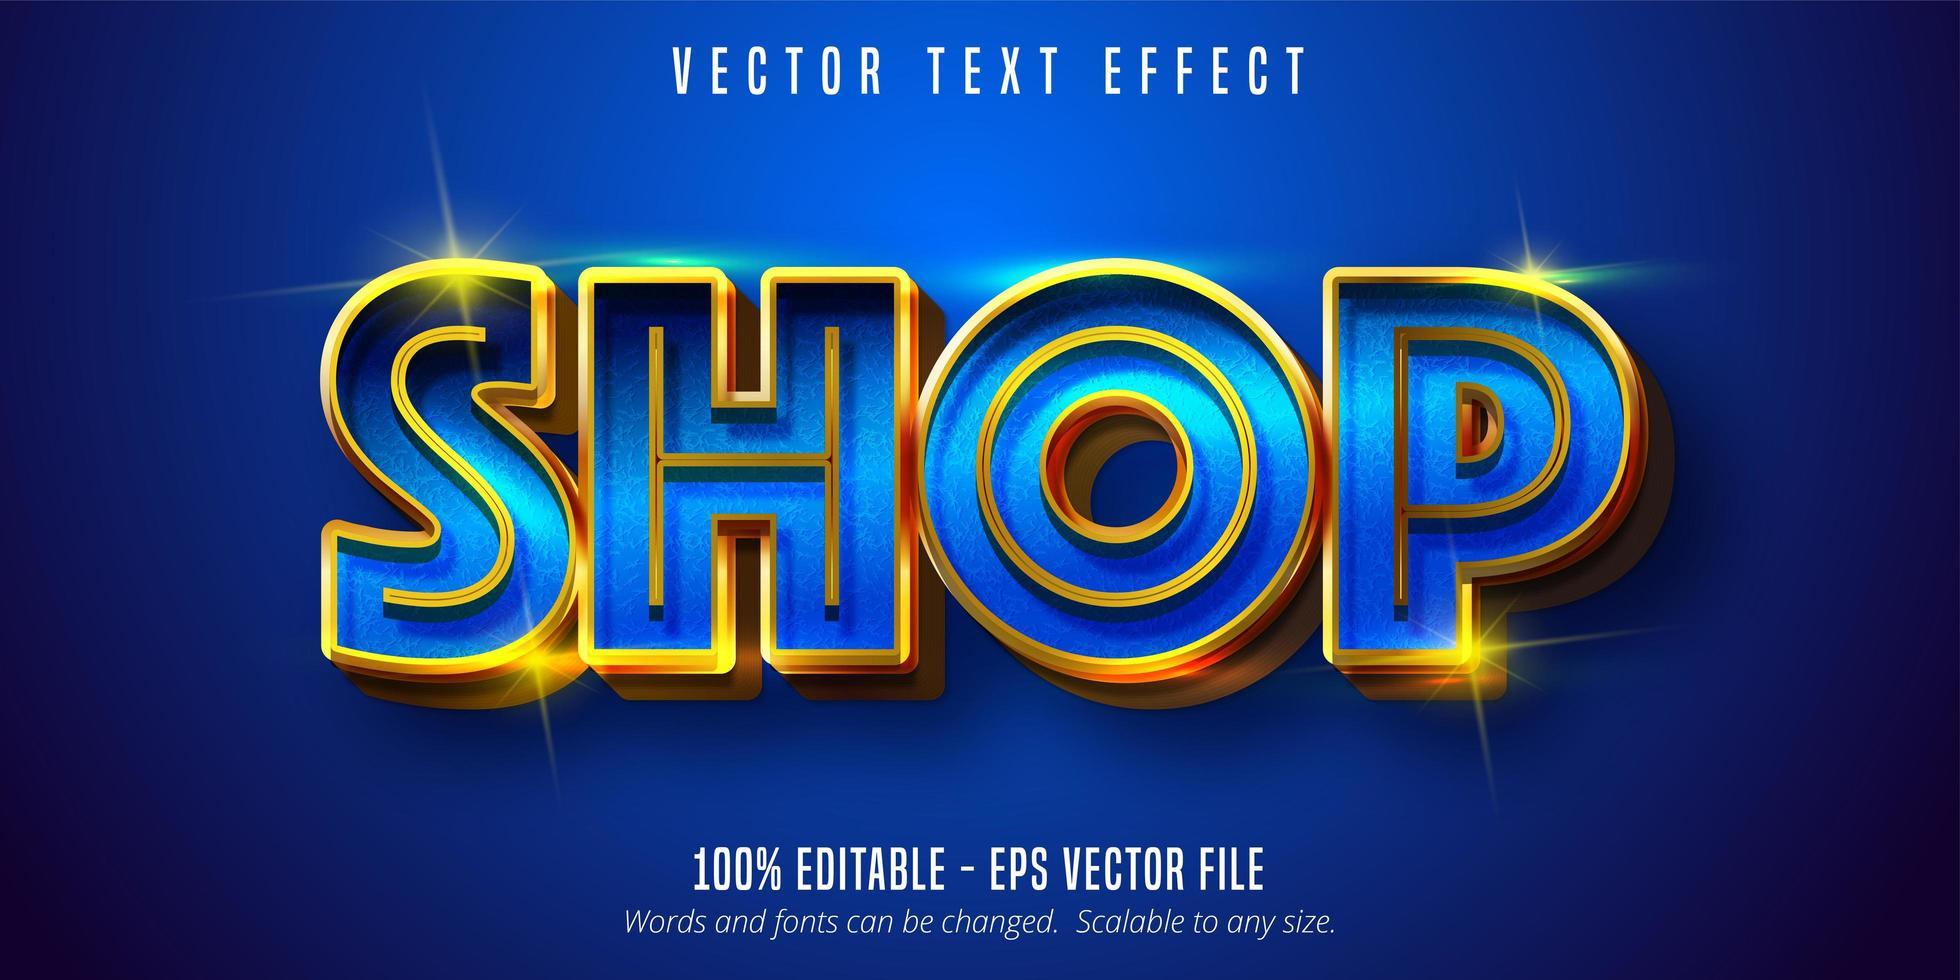 texto de la tienda, efecto de texto azul brillante y dorado. vector